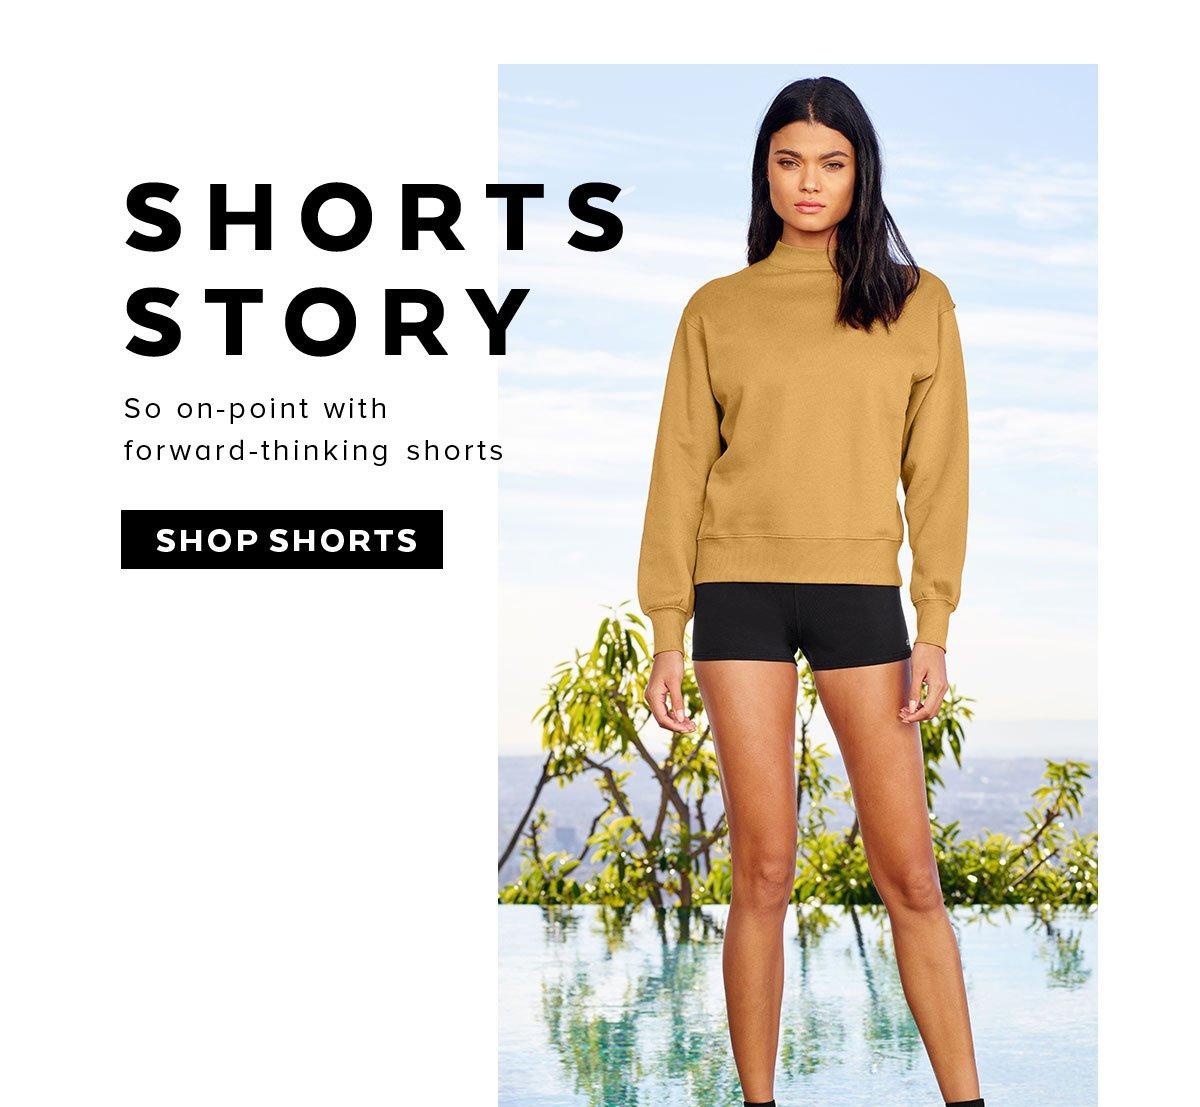 SHORTS STORY - SHOP SHORTS